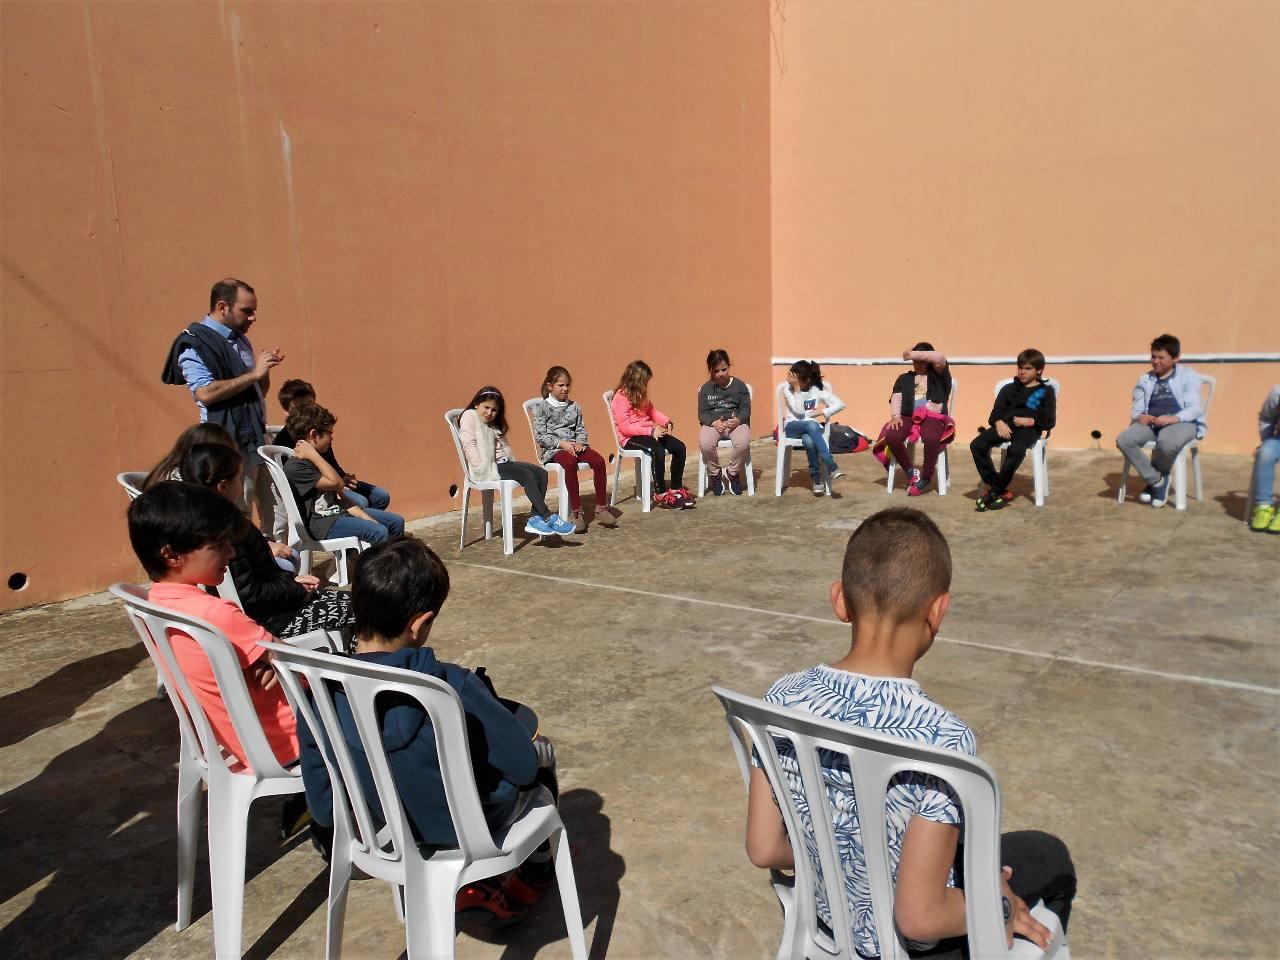 En fin de jeu, les enfants ont essayé de trouver des exemples où il faut être solidaires et non pas pratiquer le chacun pour soi.